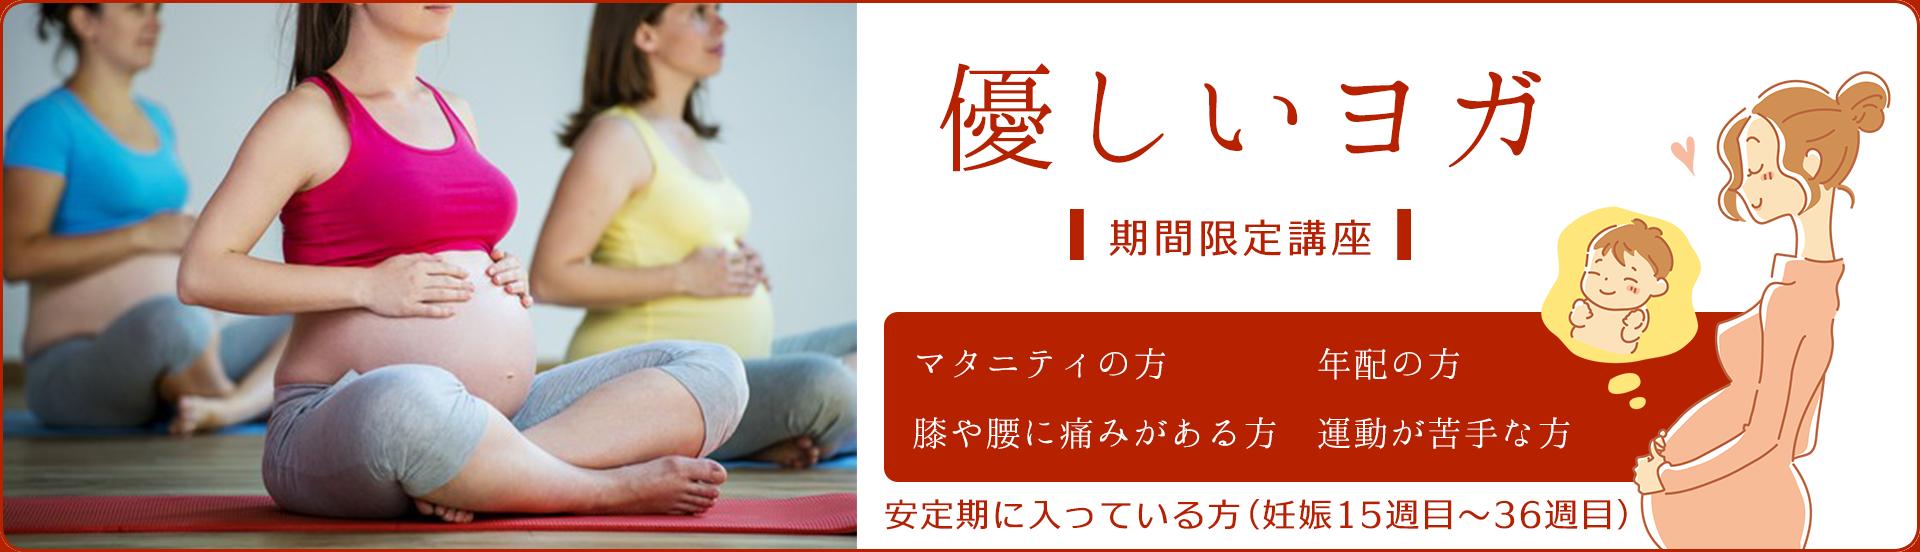 優しいヨガ 期間限定講座 マタニティの方 年配の方 膝や腰に痛みがある方 運動が苦手な方